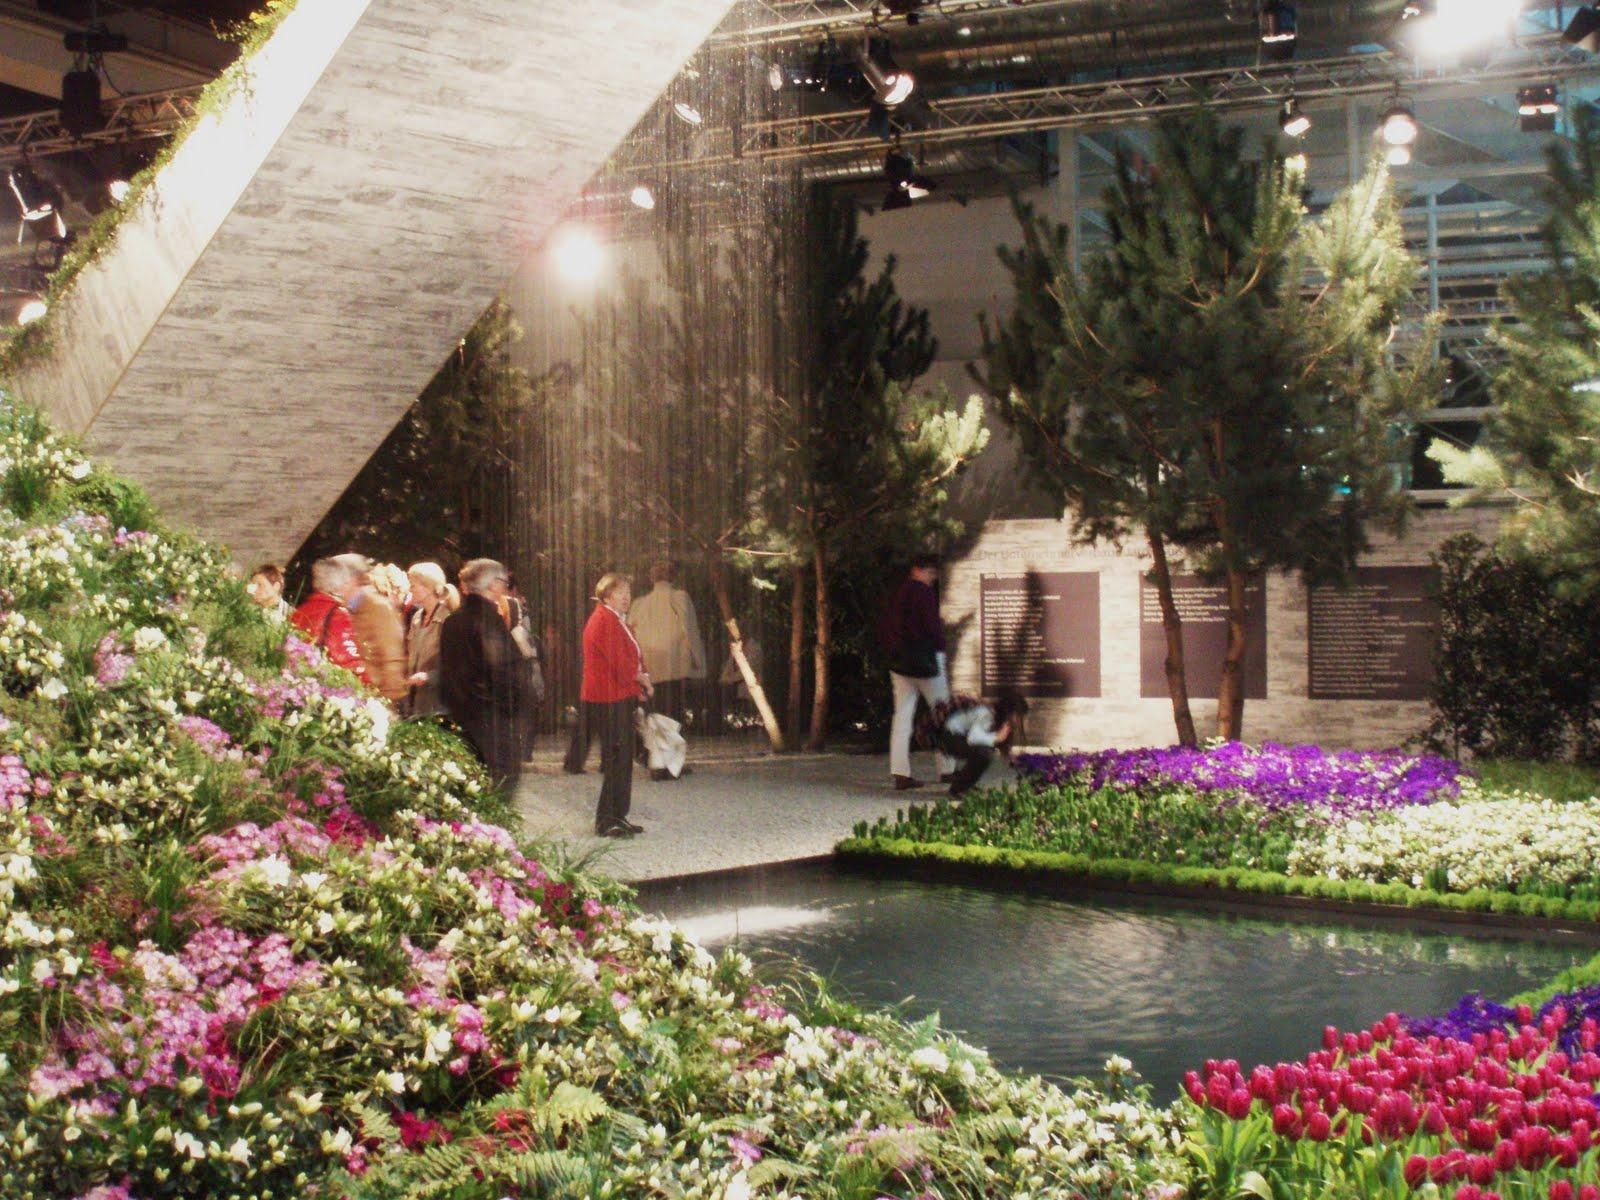 Il giardino sfumato fiori e giardini a zurich - Giardini e fiori ...